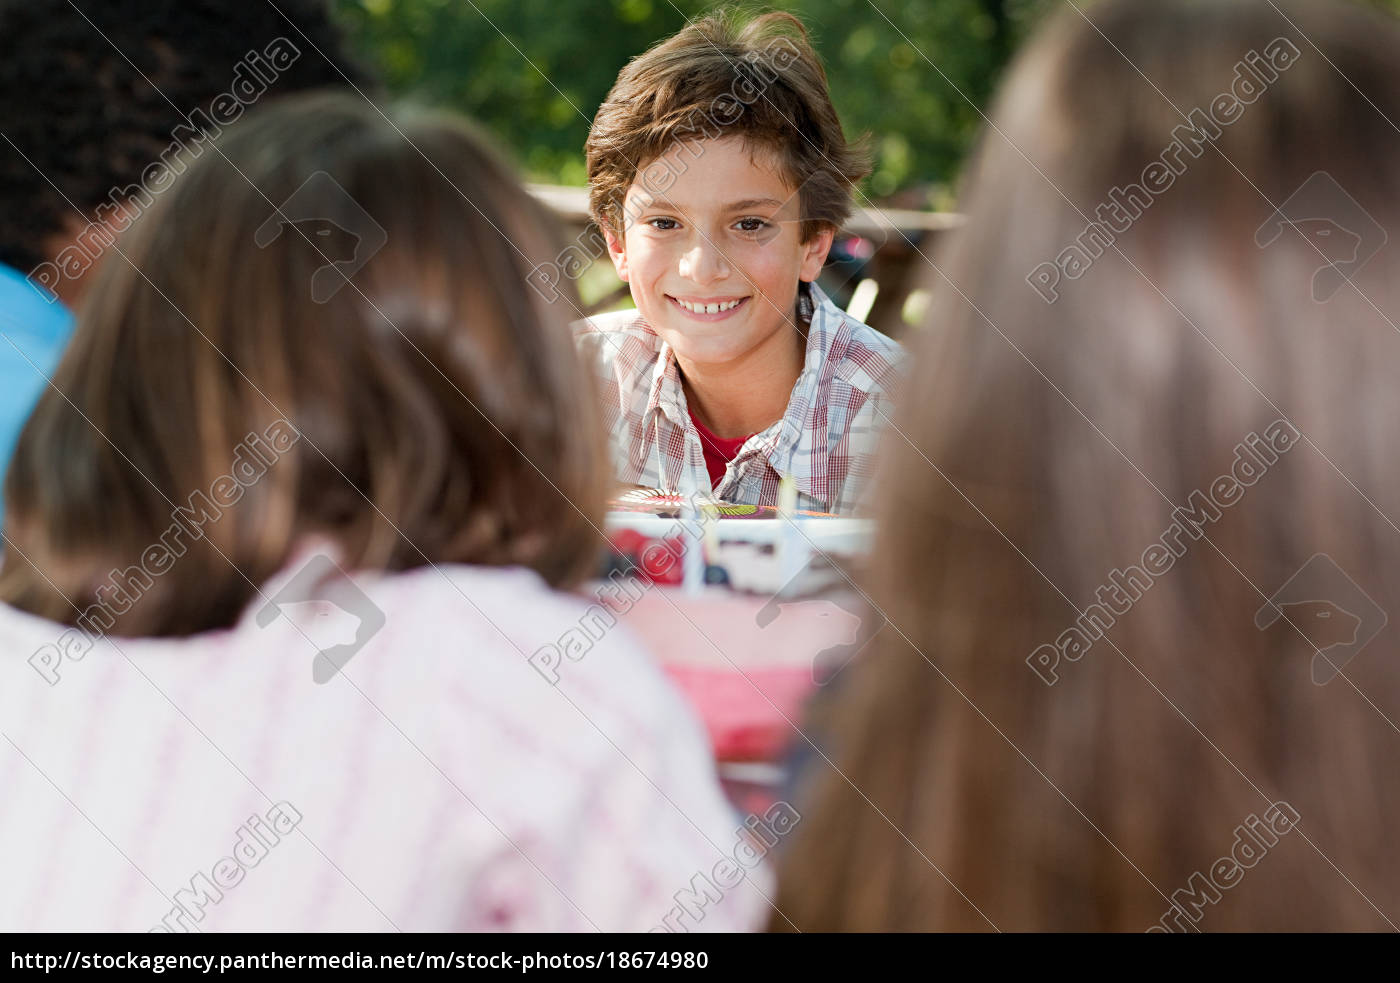 boy, at, birthday, party, eating, birthday - 18674980